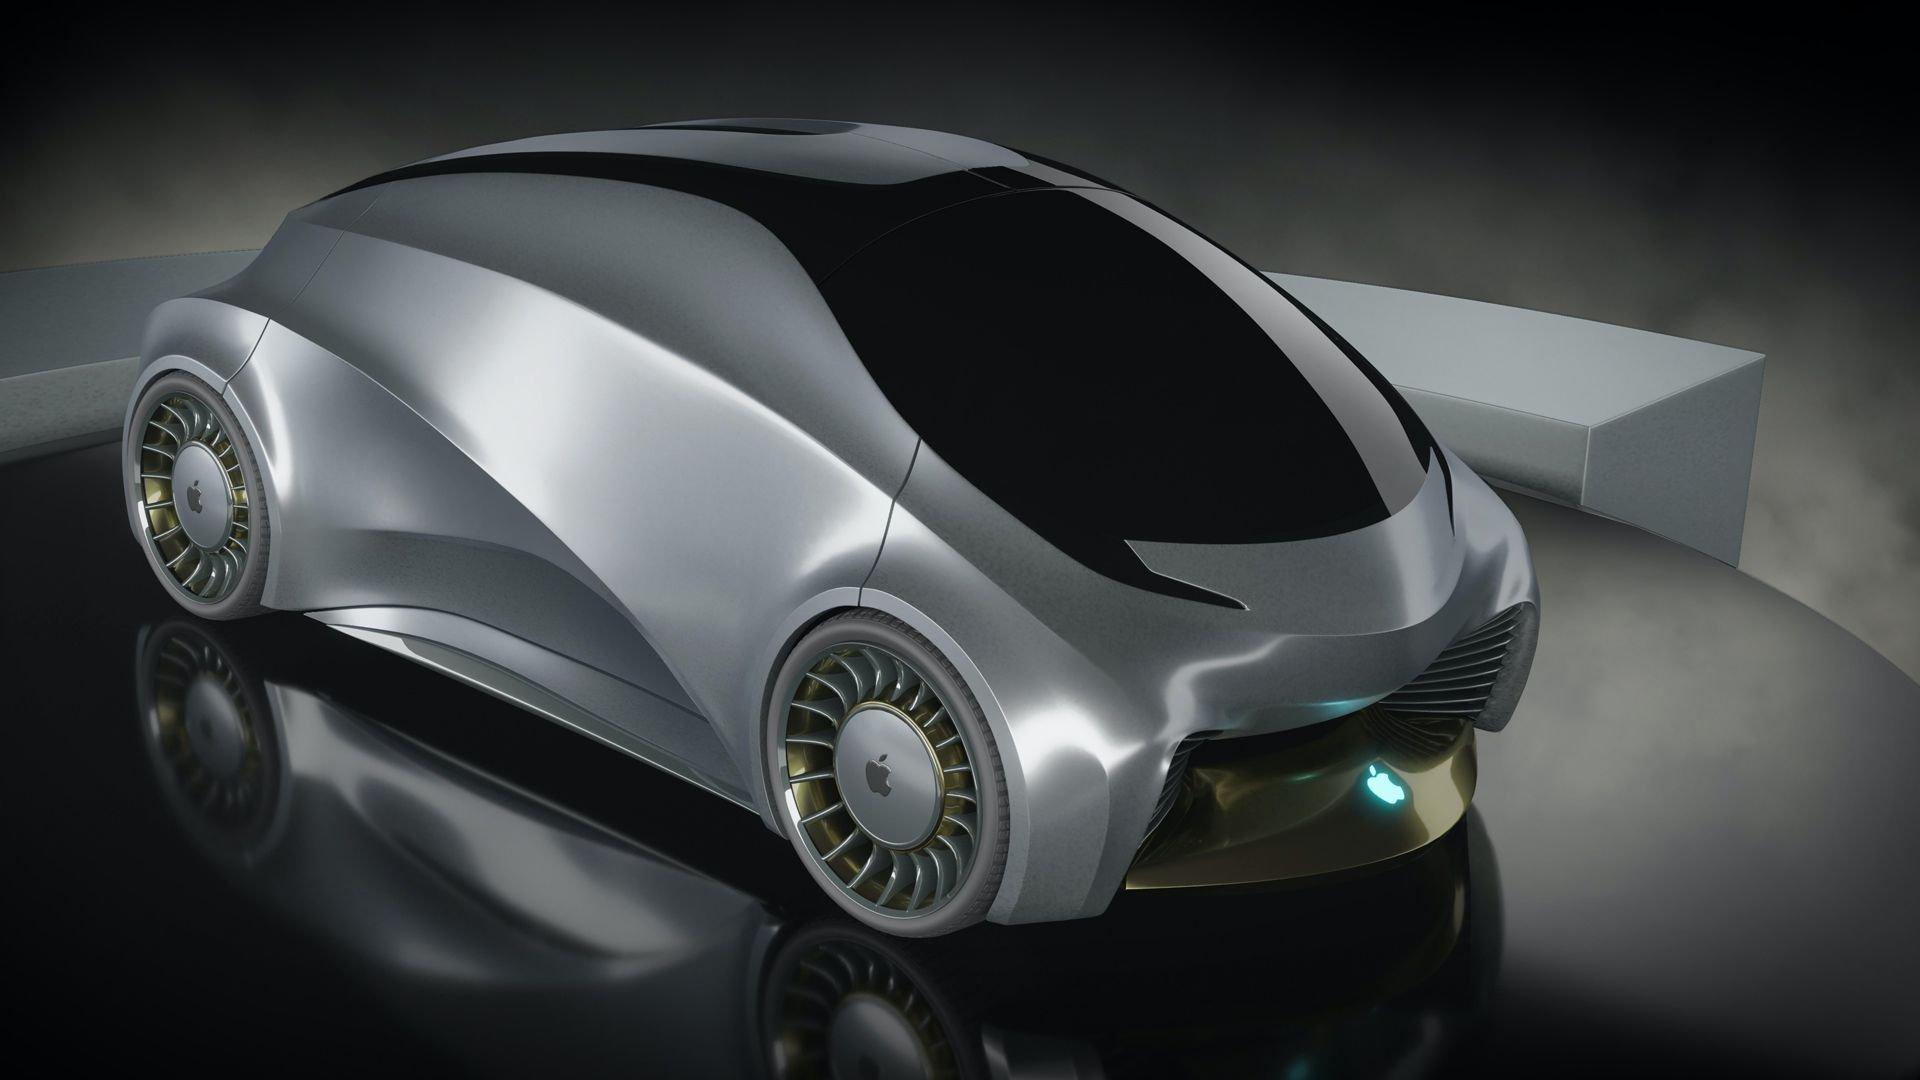 مینگ-چی کو: خودروی اپل با پلتفرم E-GMP هیوندای از راه میرسد